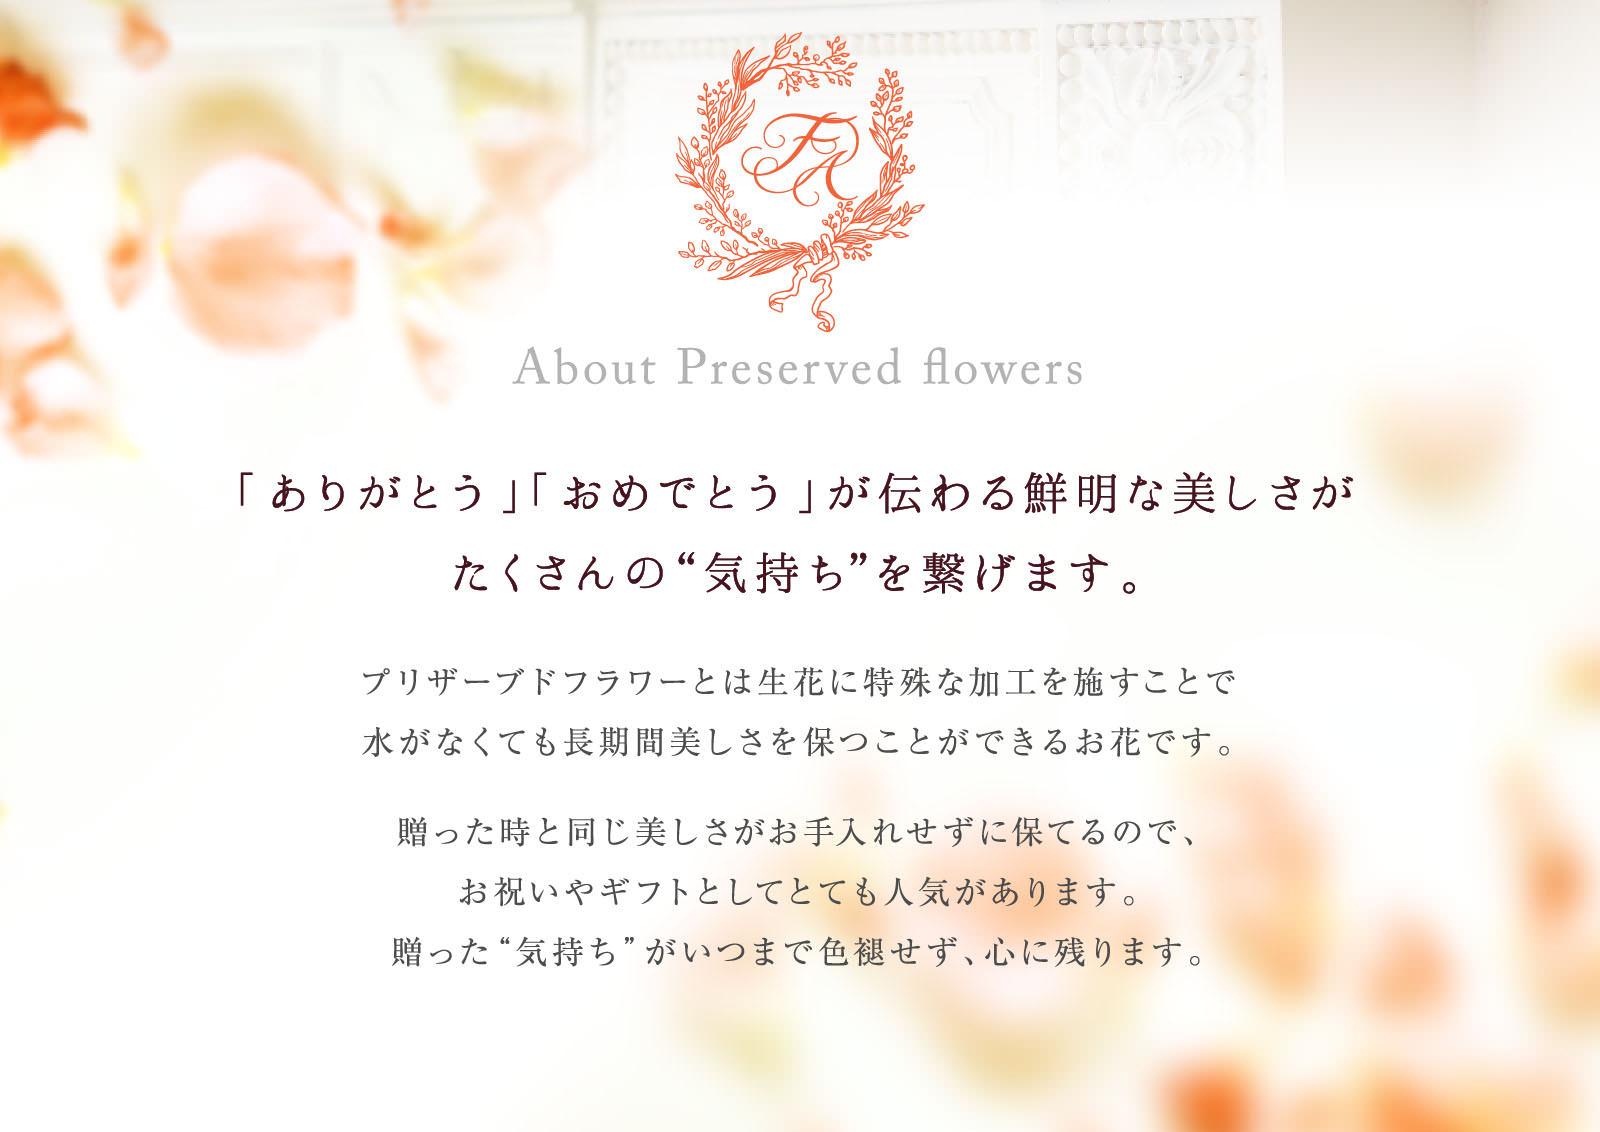 「ありがとう」「おめでとう」が伝わる鮮明な美しさがたくさんの気持ちを繋げます。